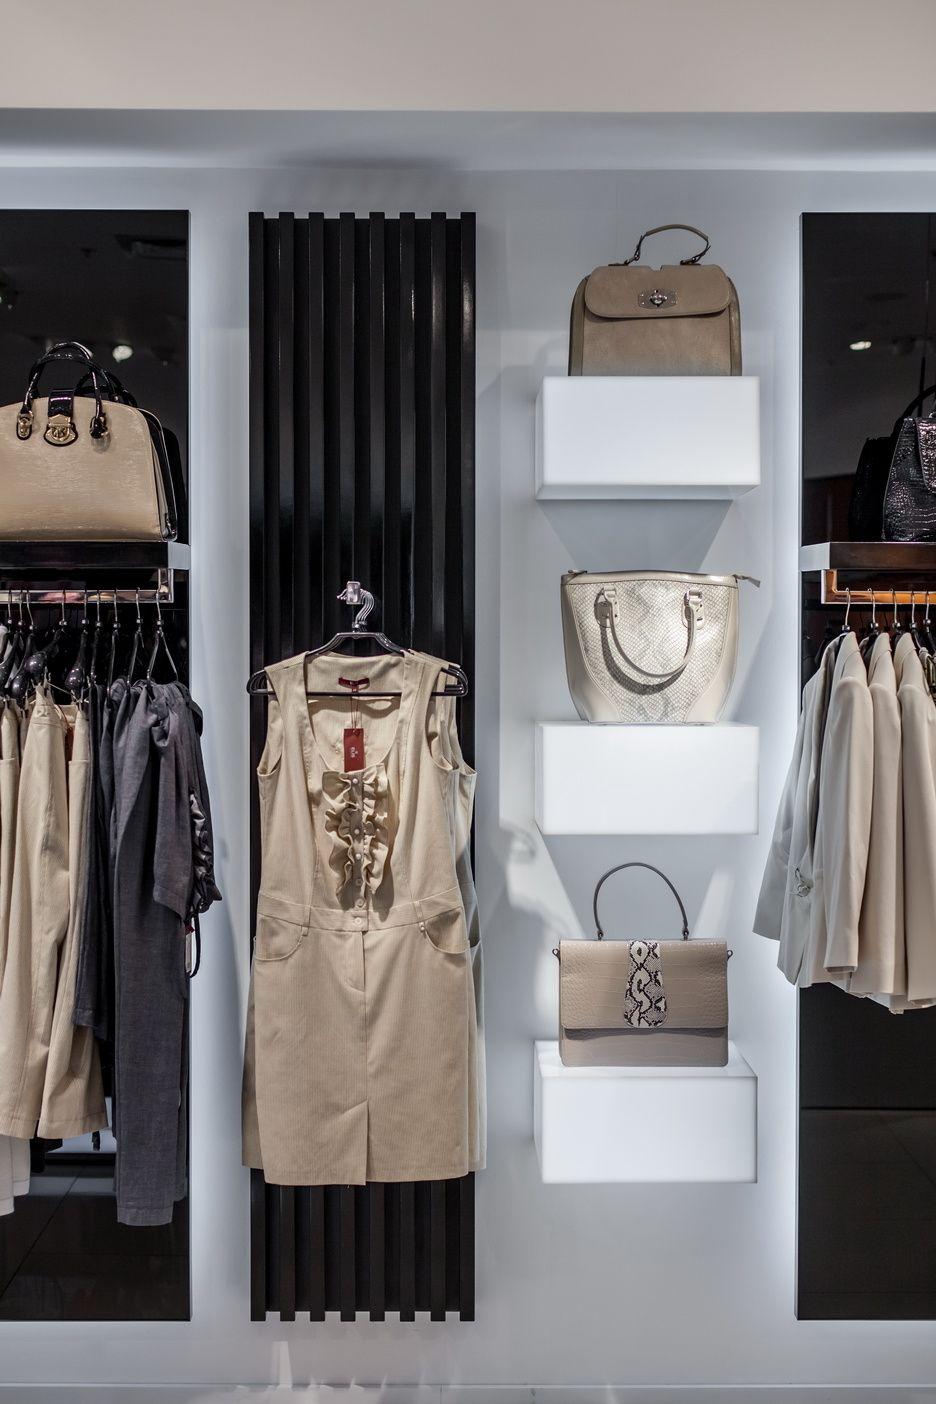 92032b0cd9c4 Архитектурная студия Чадо chadopro.arxip.com Интерьер магазина женской  одежды Перед дизайнером стояла сложная